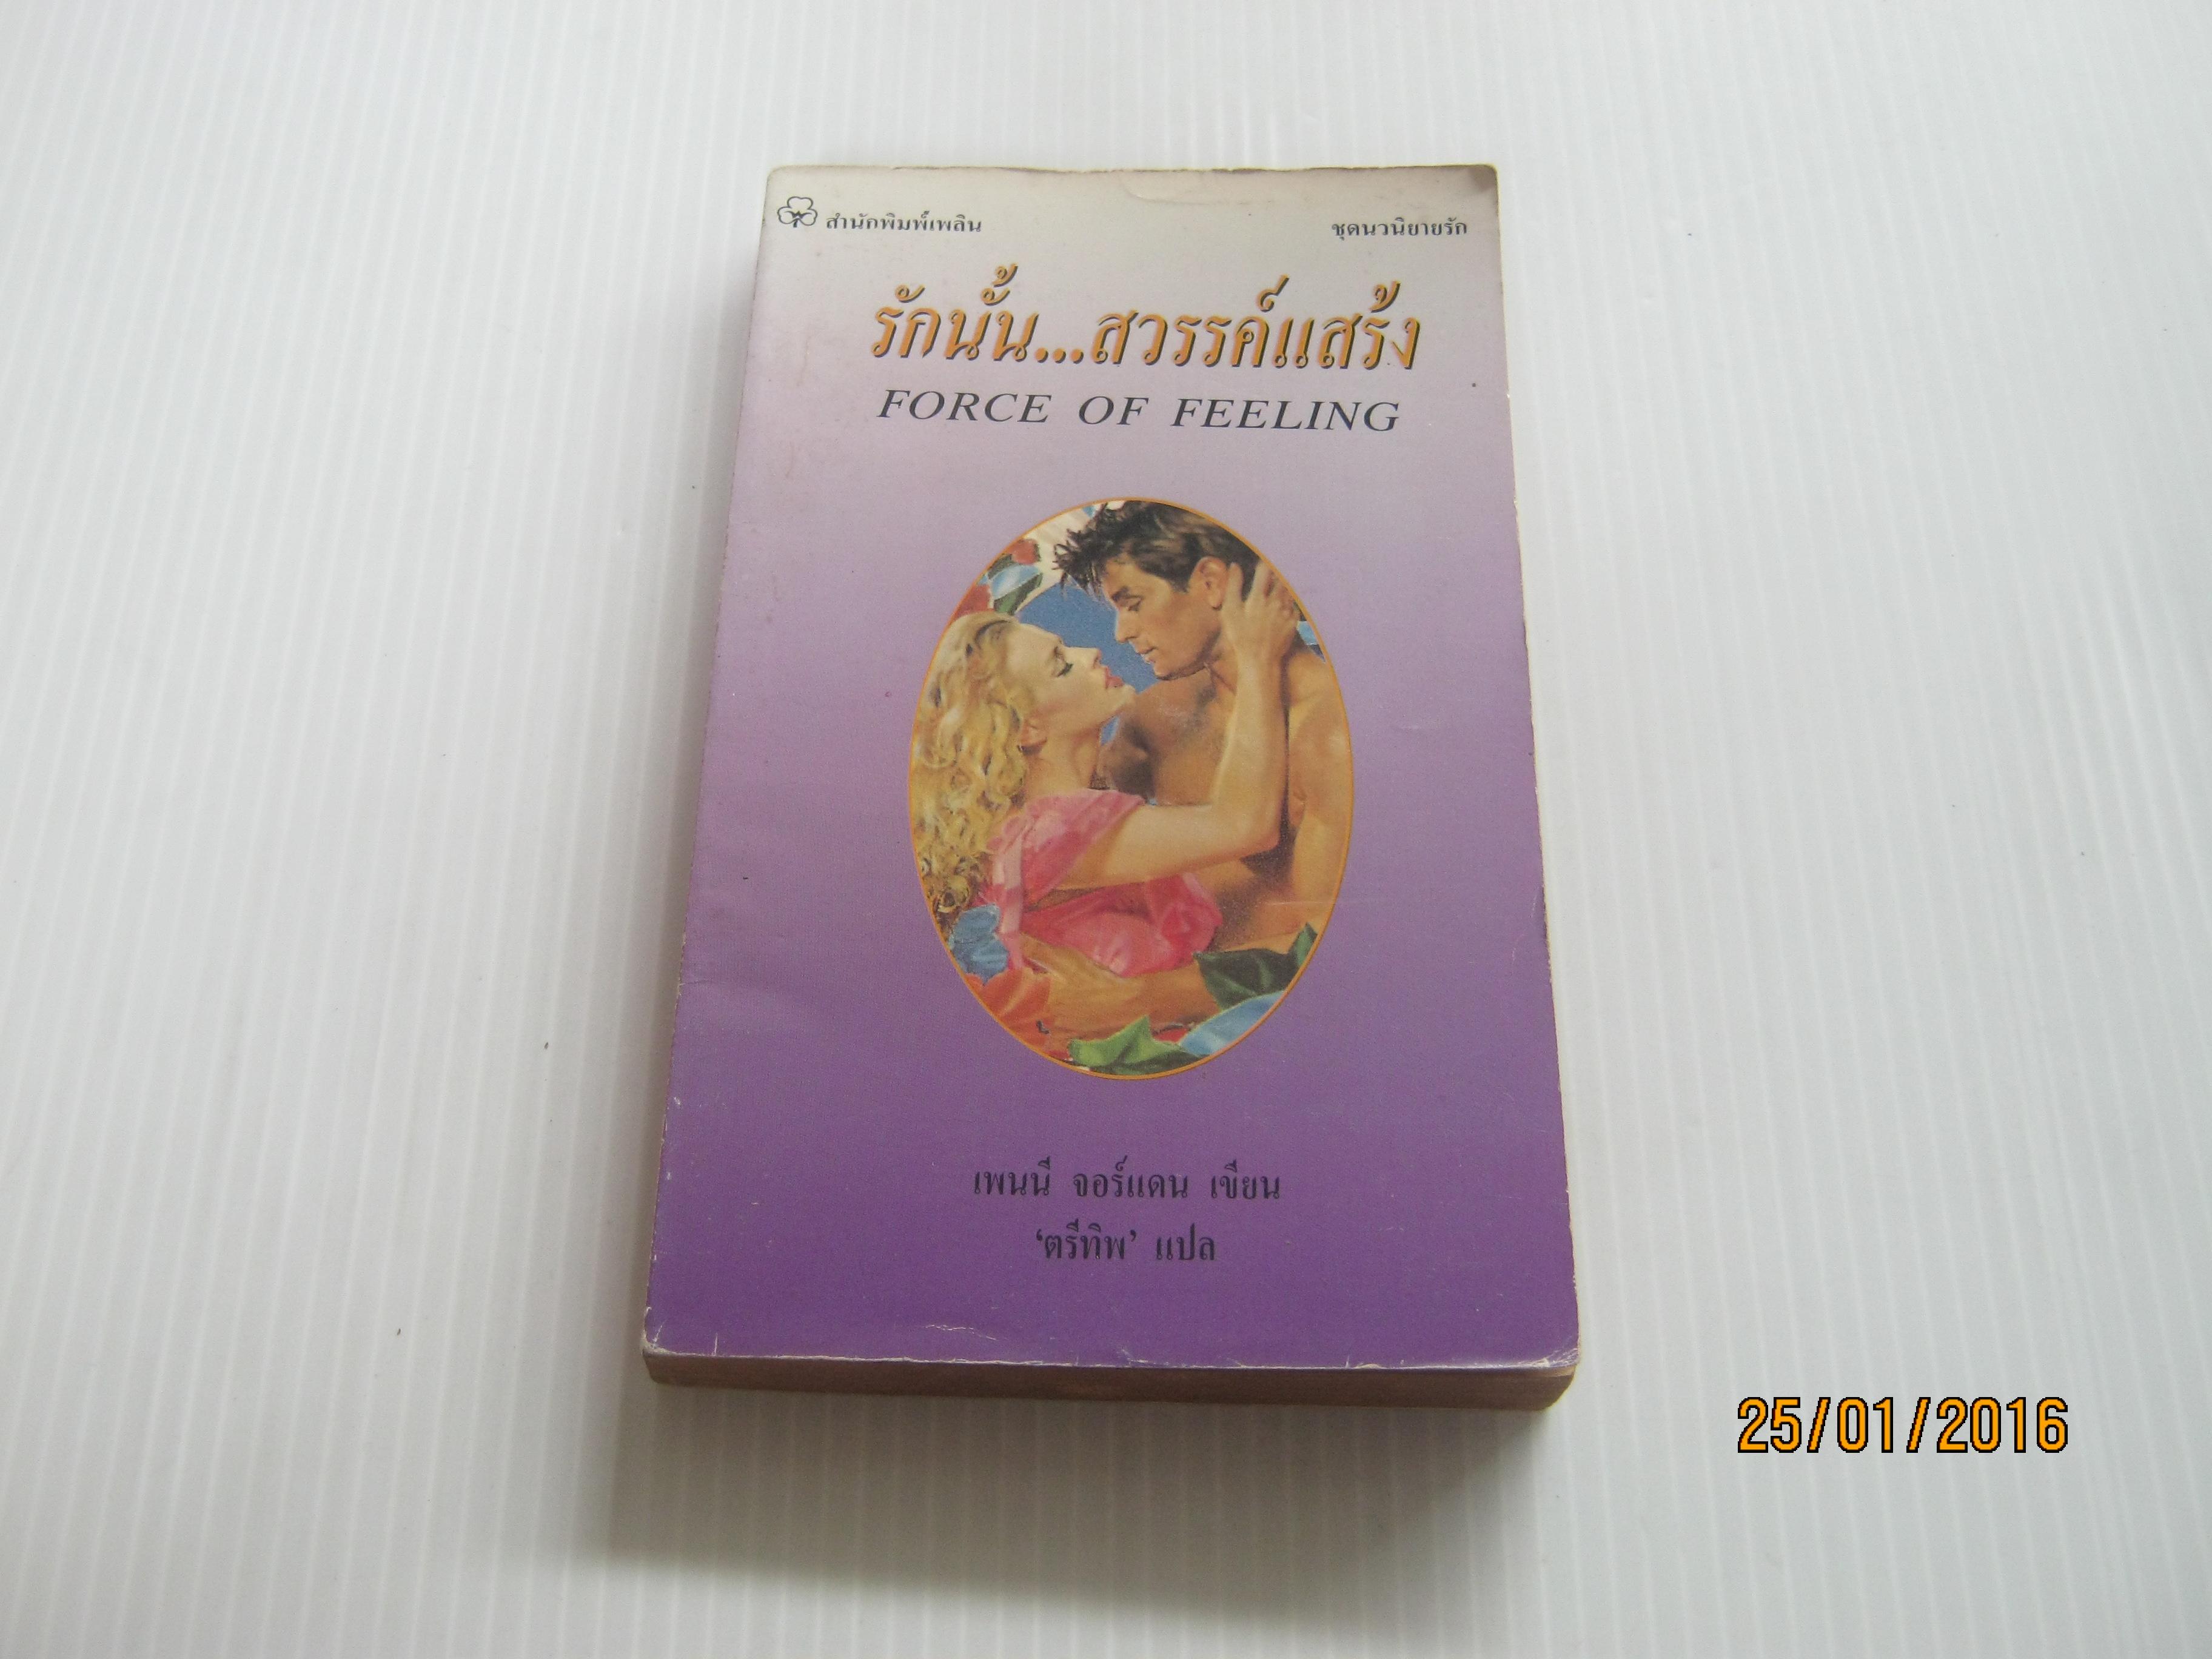 รักนั้น...สวรรค์แสร้ง (Force of Feeling) เพนนี จอร์แดน เขียน ตรีทิพ แปล